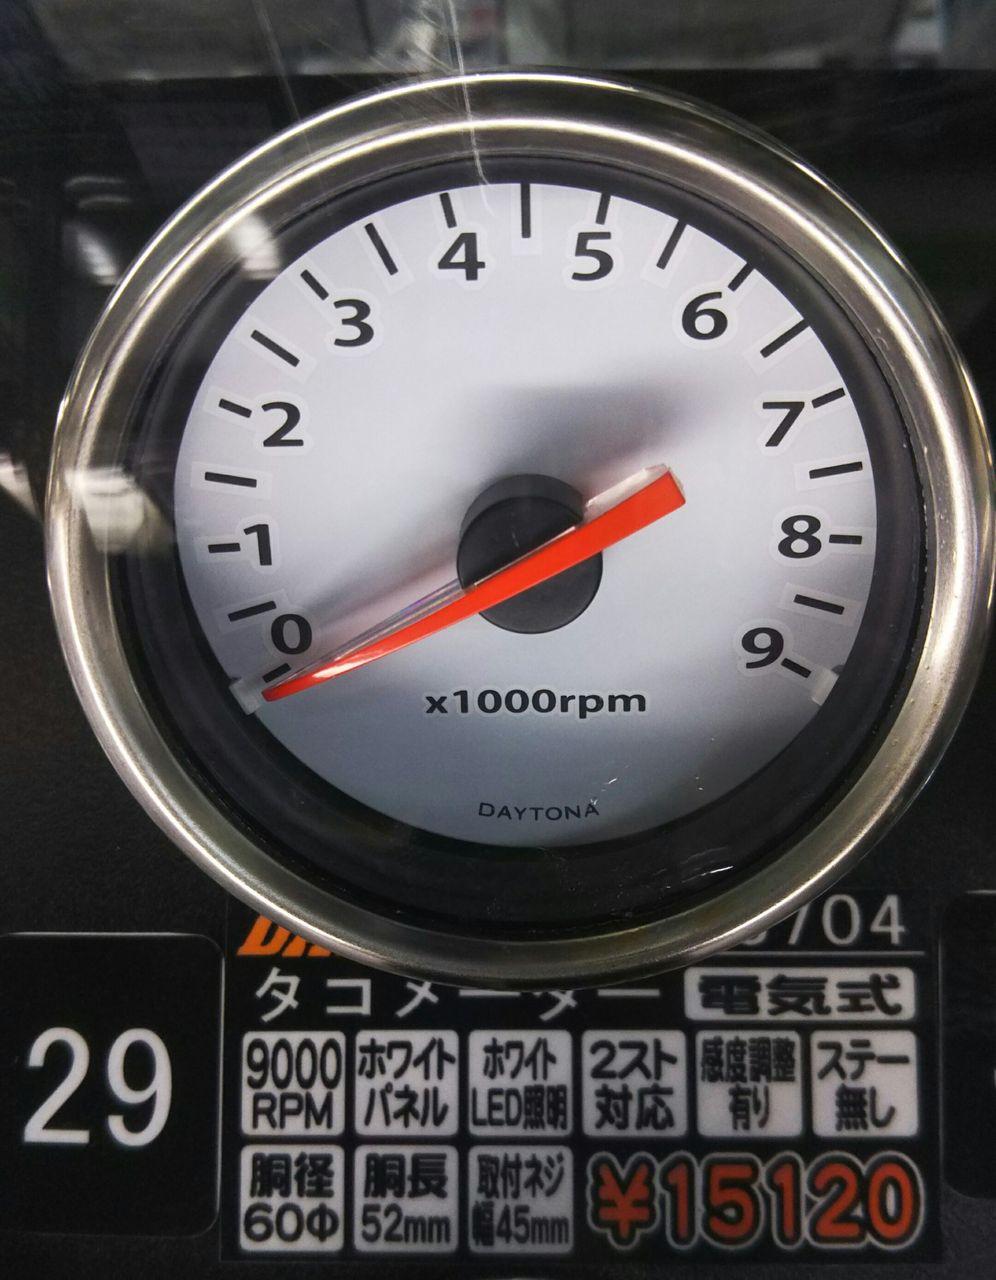 メーター タコ GARUDA INC./タコメーター/STACK(スタック)・ST200タコメーター解説